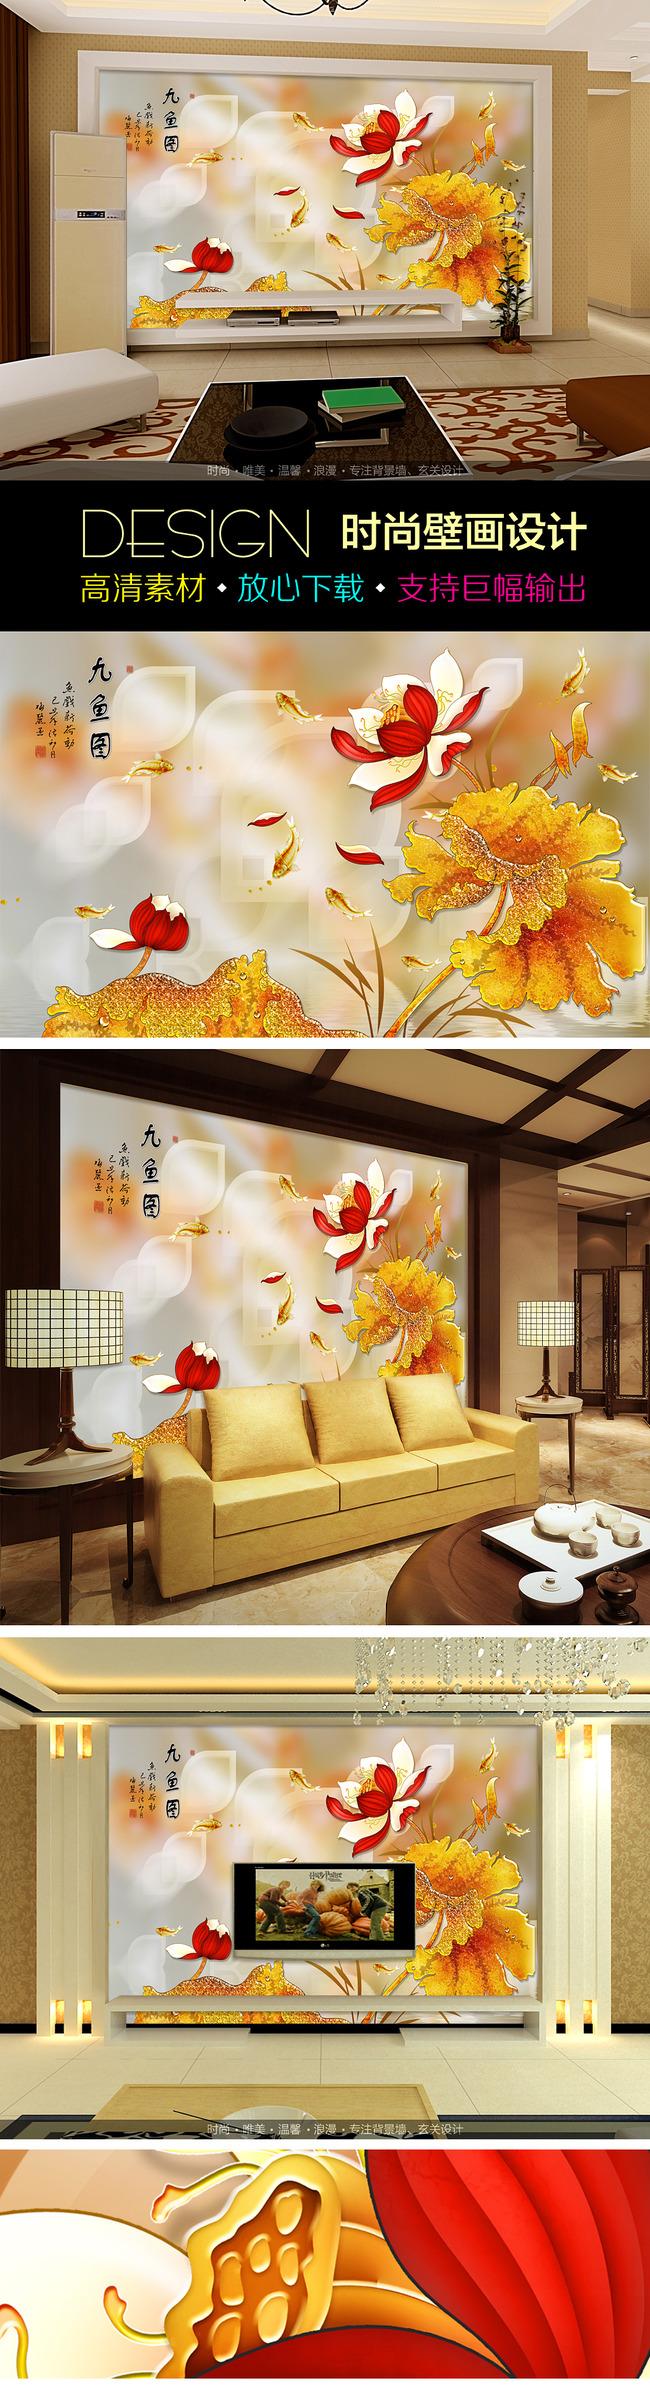 装饰画 中式 中国风 家和客厅背景墙 鱼 3d荷花 彩雕 玉雕 家和万事兴